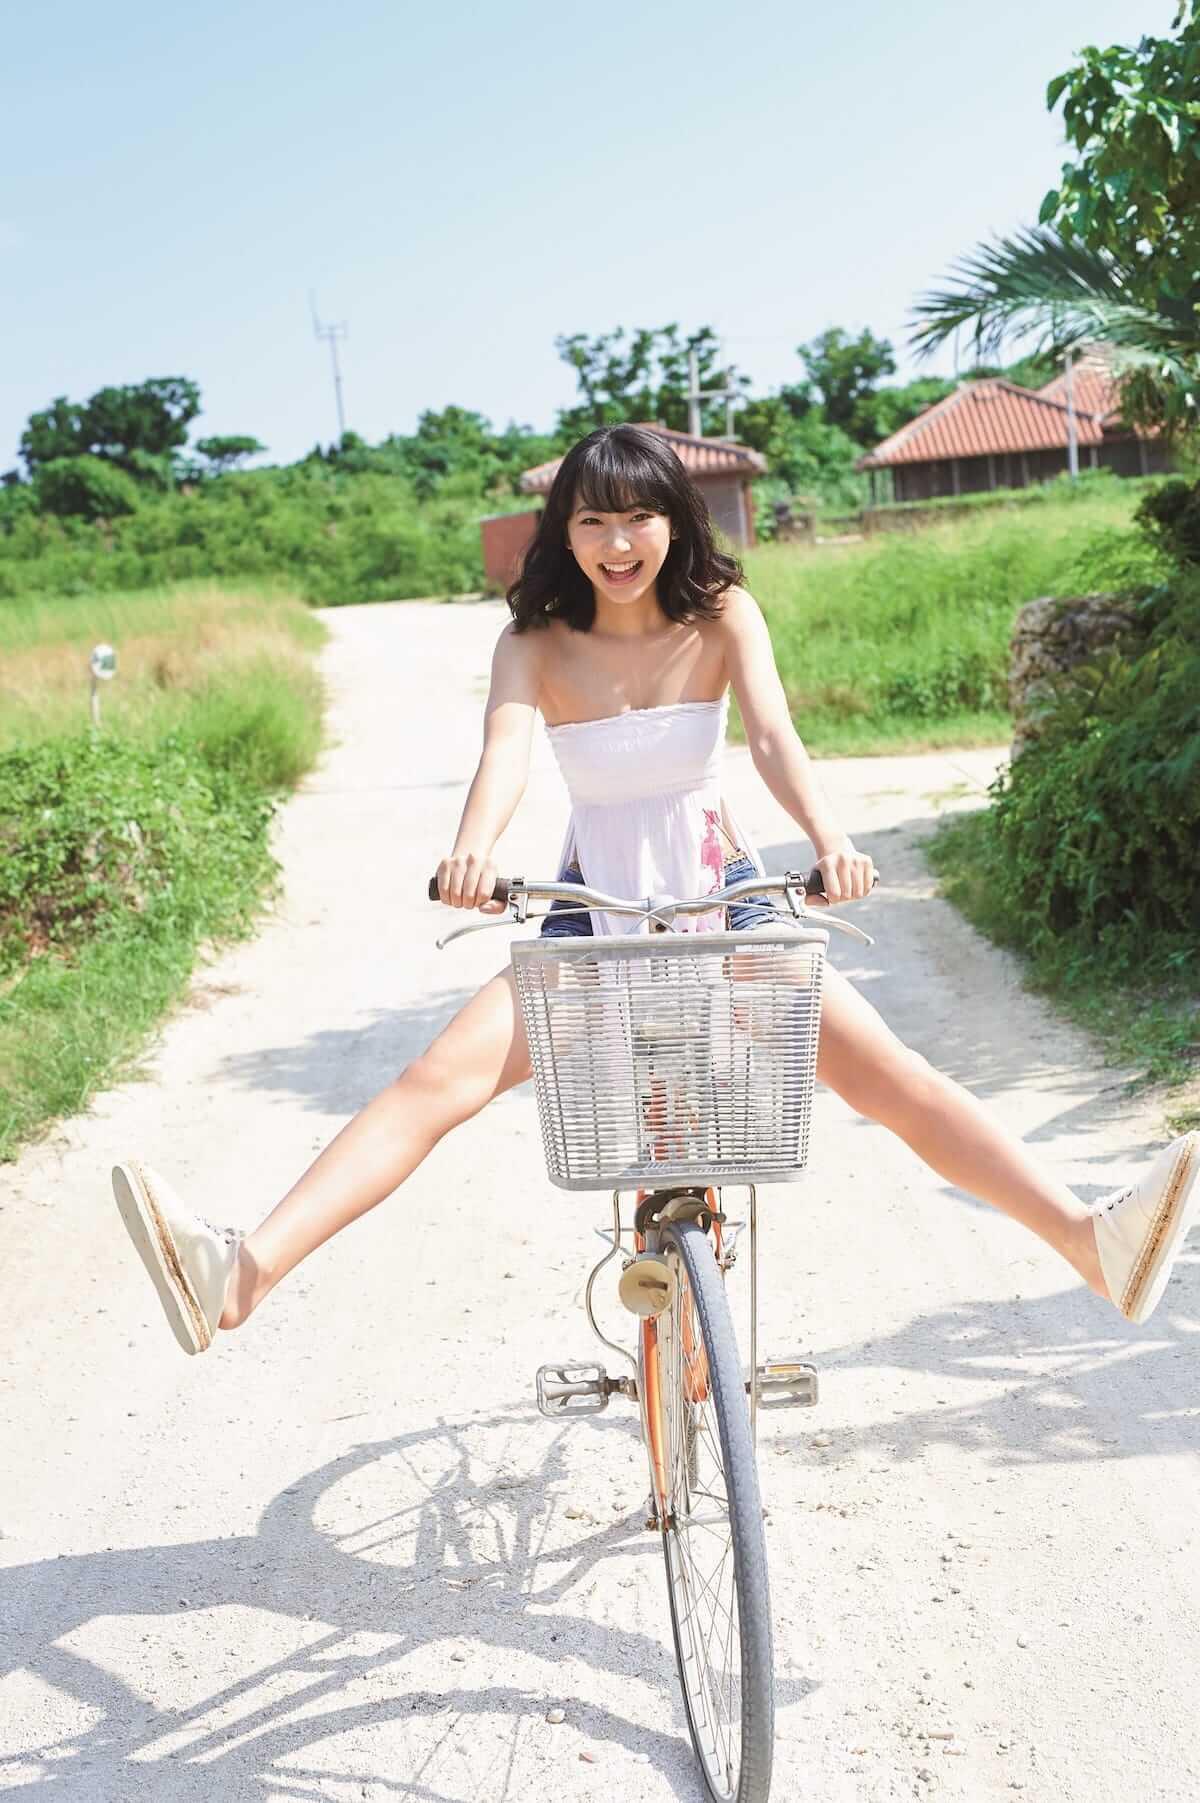 まるで武田玲奈と旅行してるみたいなフォトブック!思わずドキッとする姿も収録!? art180703_renatakeda_1-1200x1803